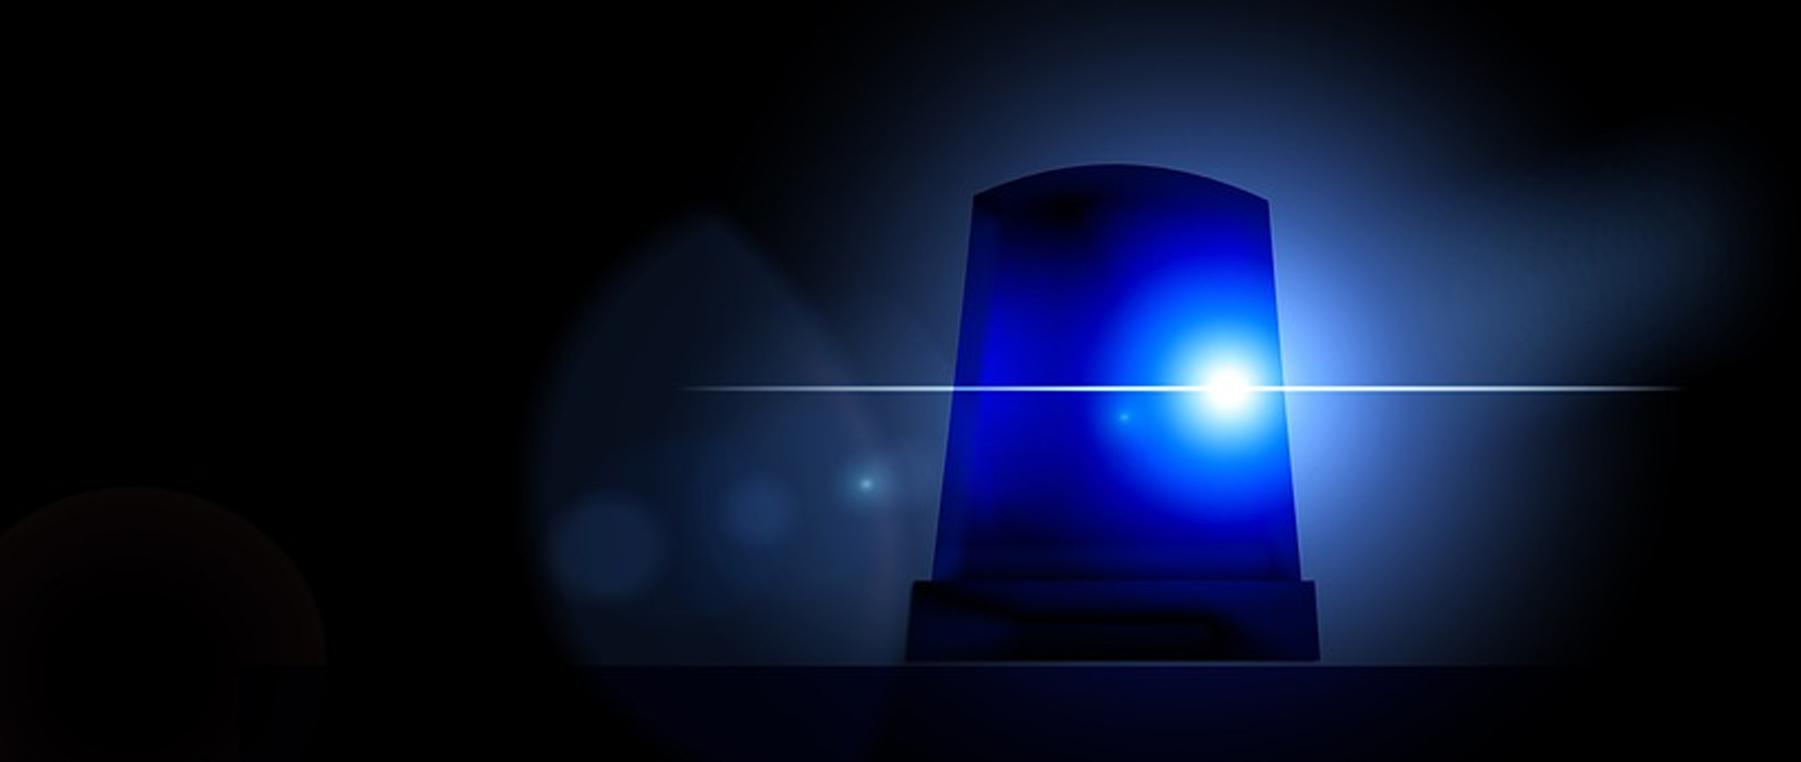 Unfallflucht mit verletzter Person: Bruckmühl: Kripo ermittelt wegen versuchten Totschlags